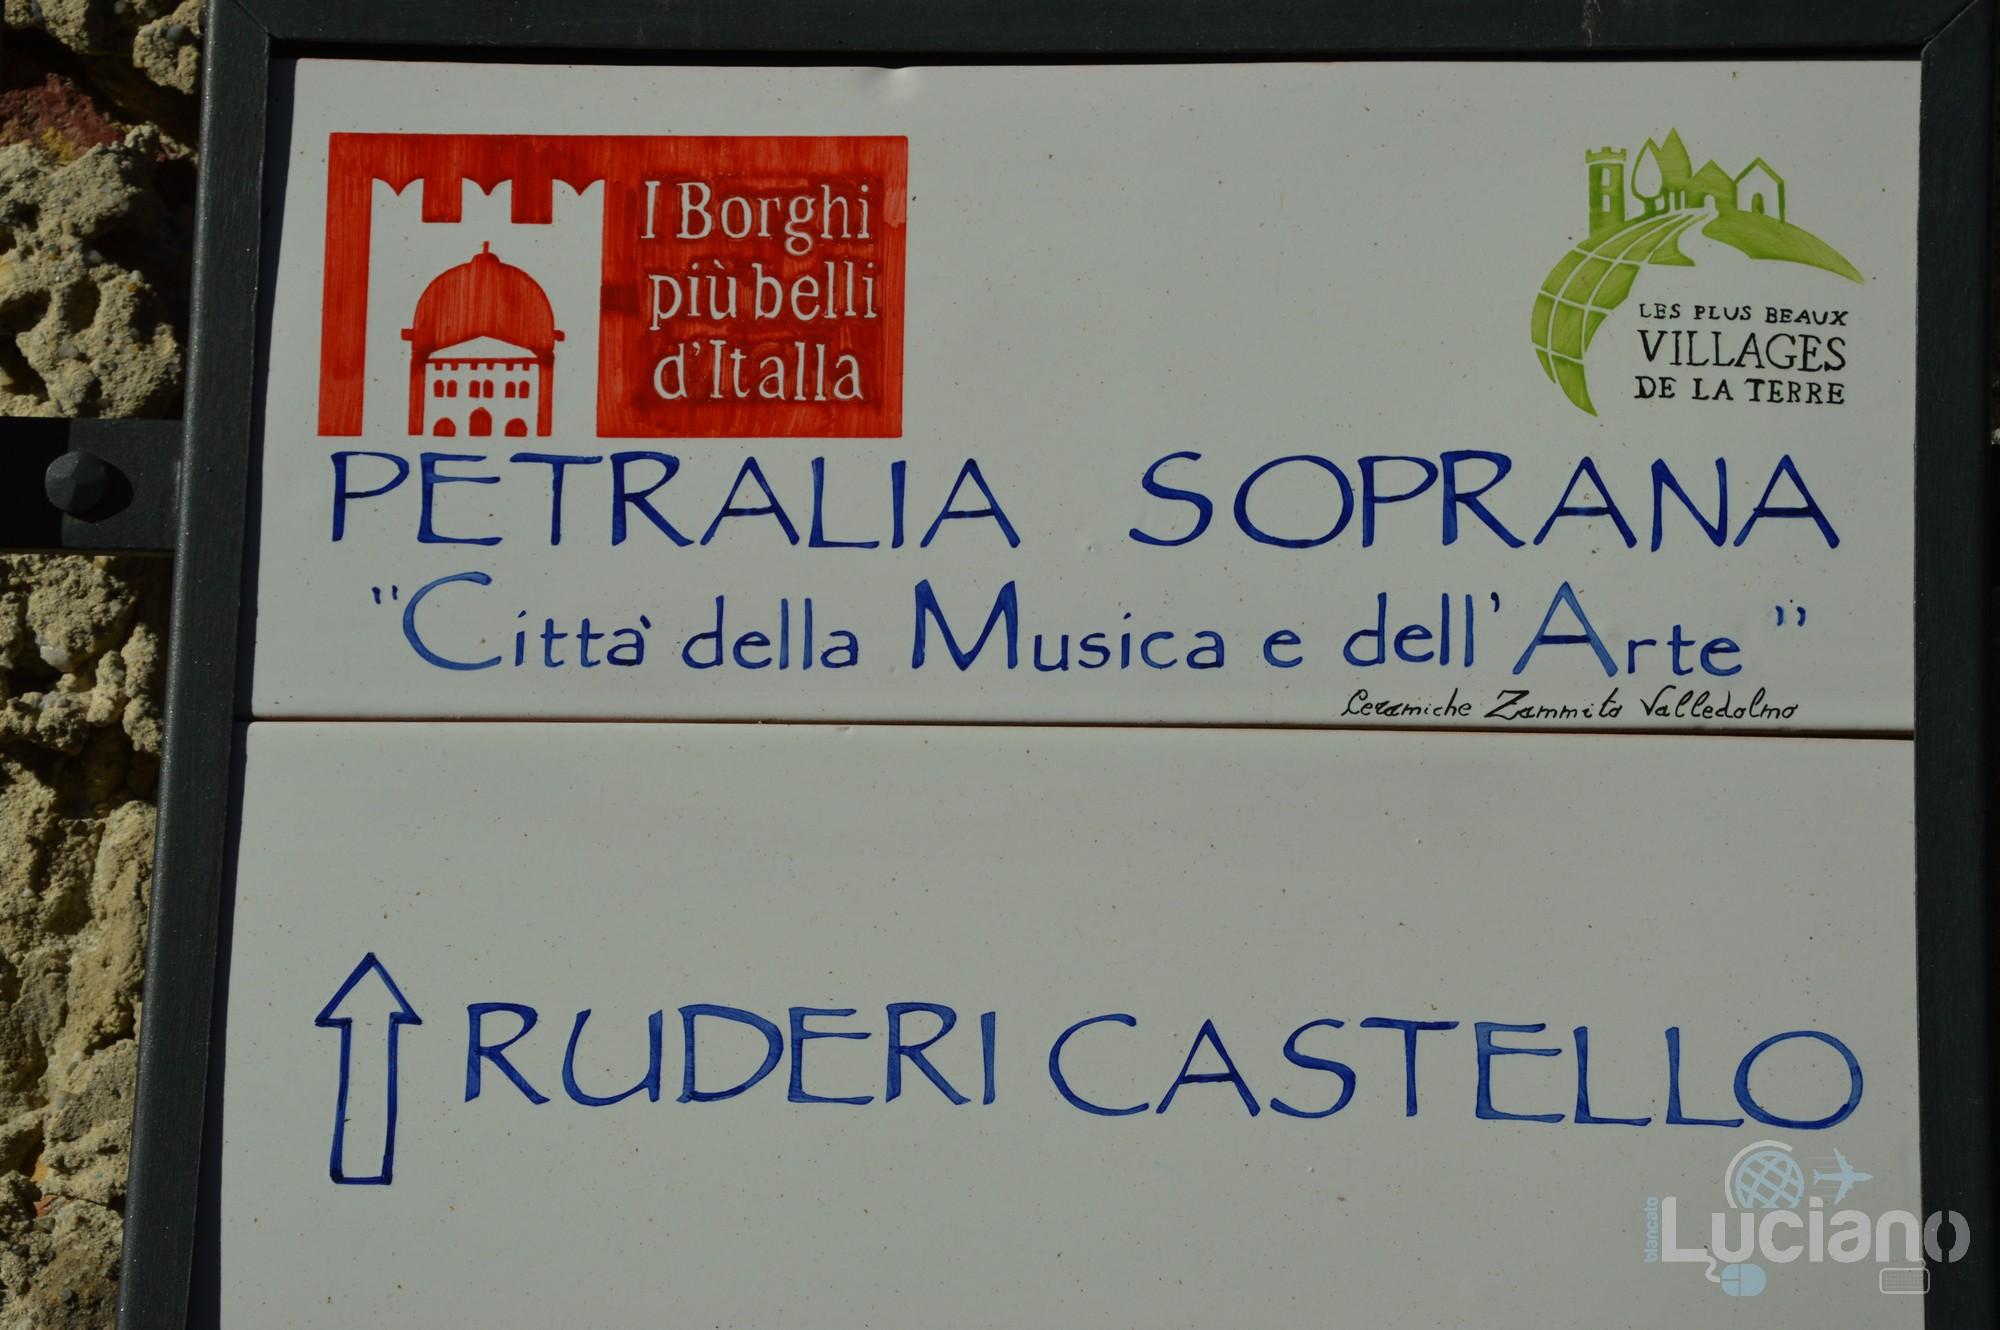 Petralia Soprana - Palermo -  I Borghi più belli d'Italia - Borgo più bello d'Italia 2018 - Les Plus beaux villages de la terre